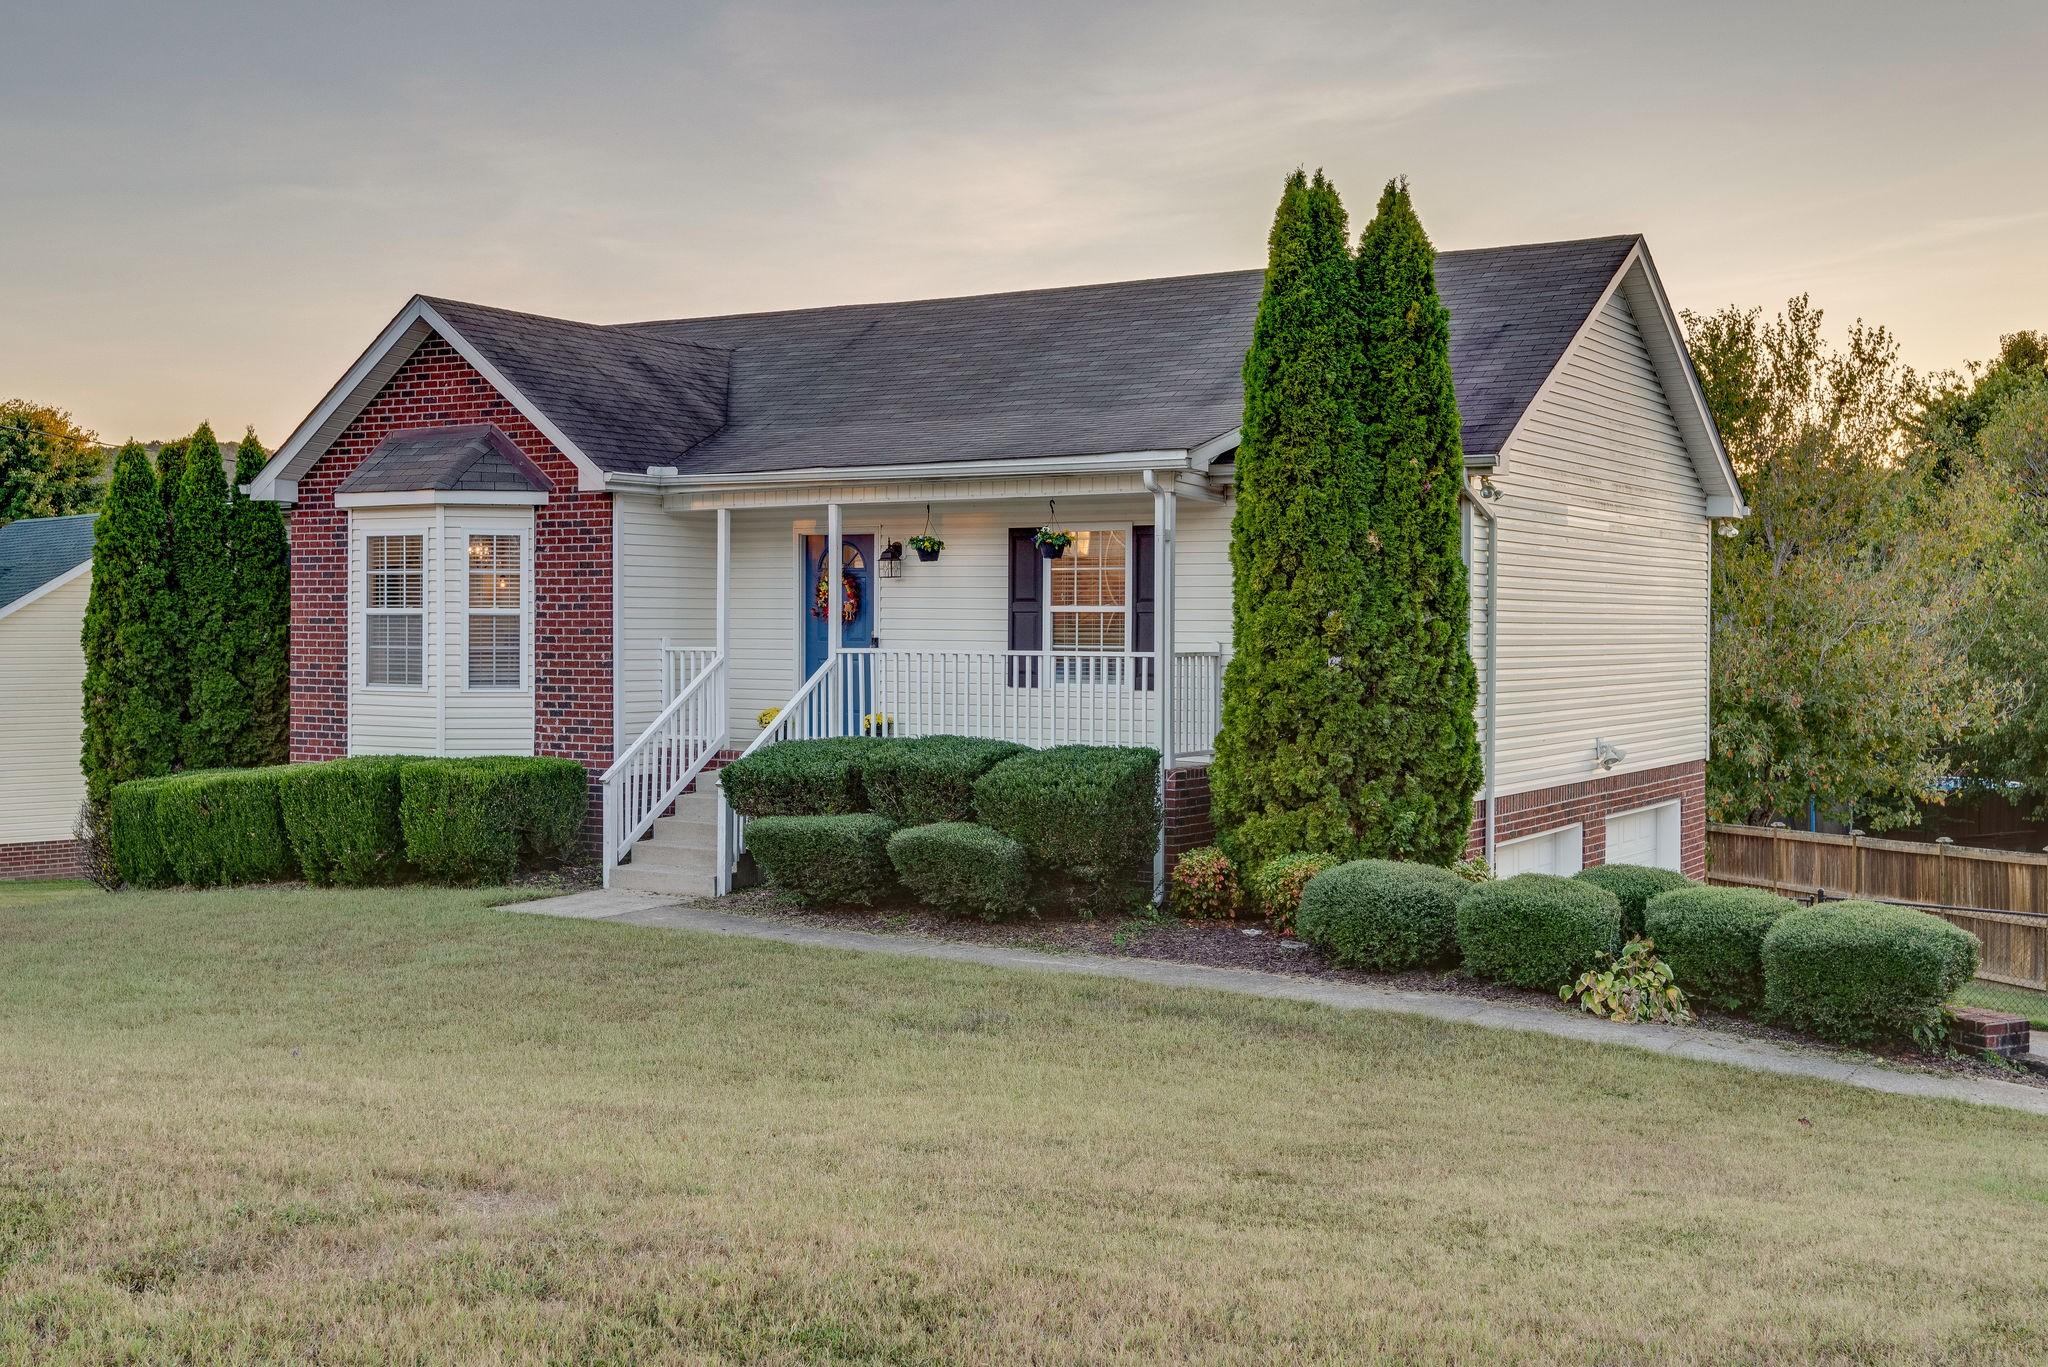 111 Riverbend Dr, Pegram, TN 37143 - Pegram, TN real estate listing